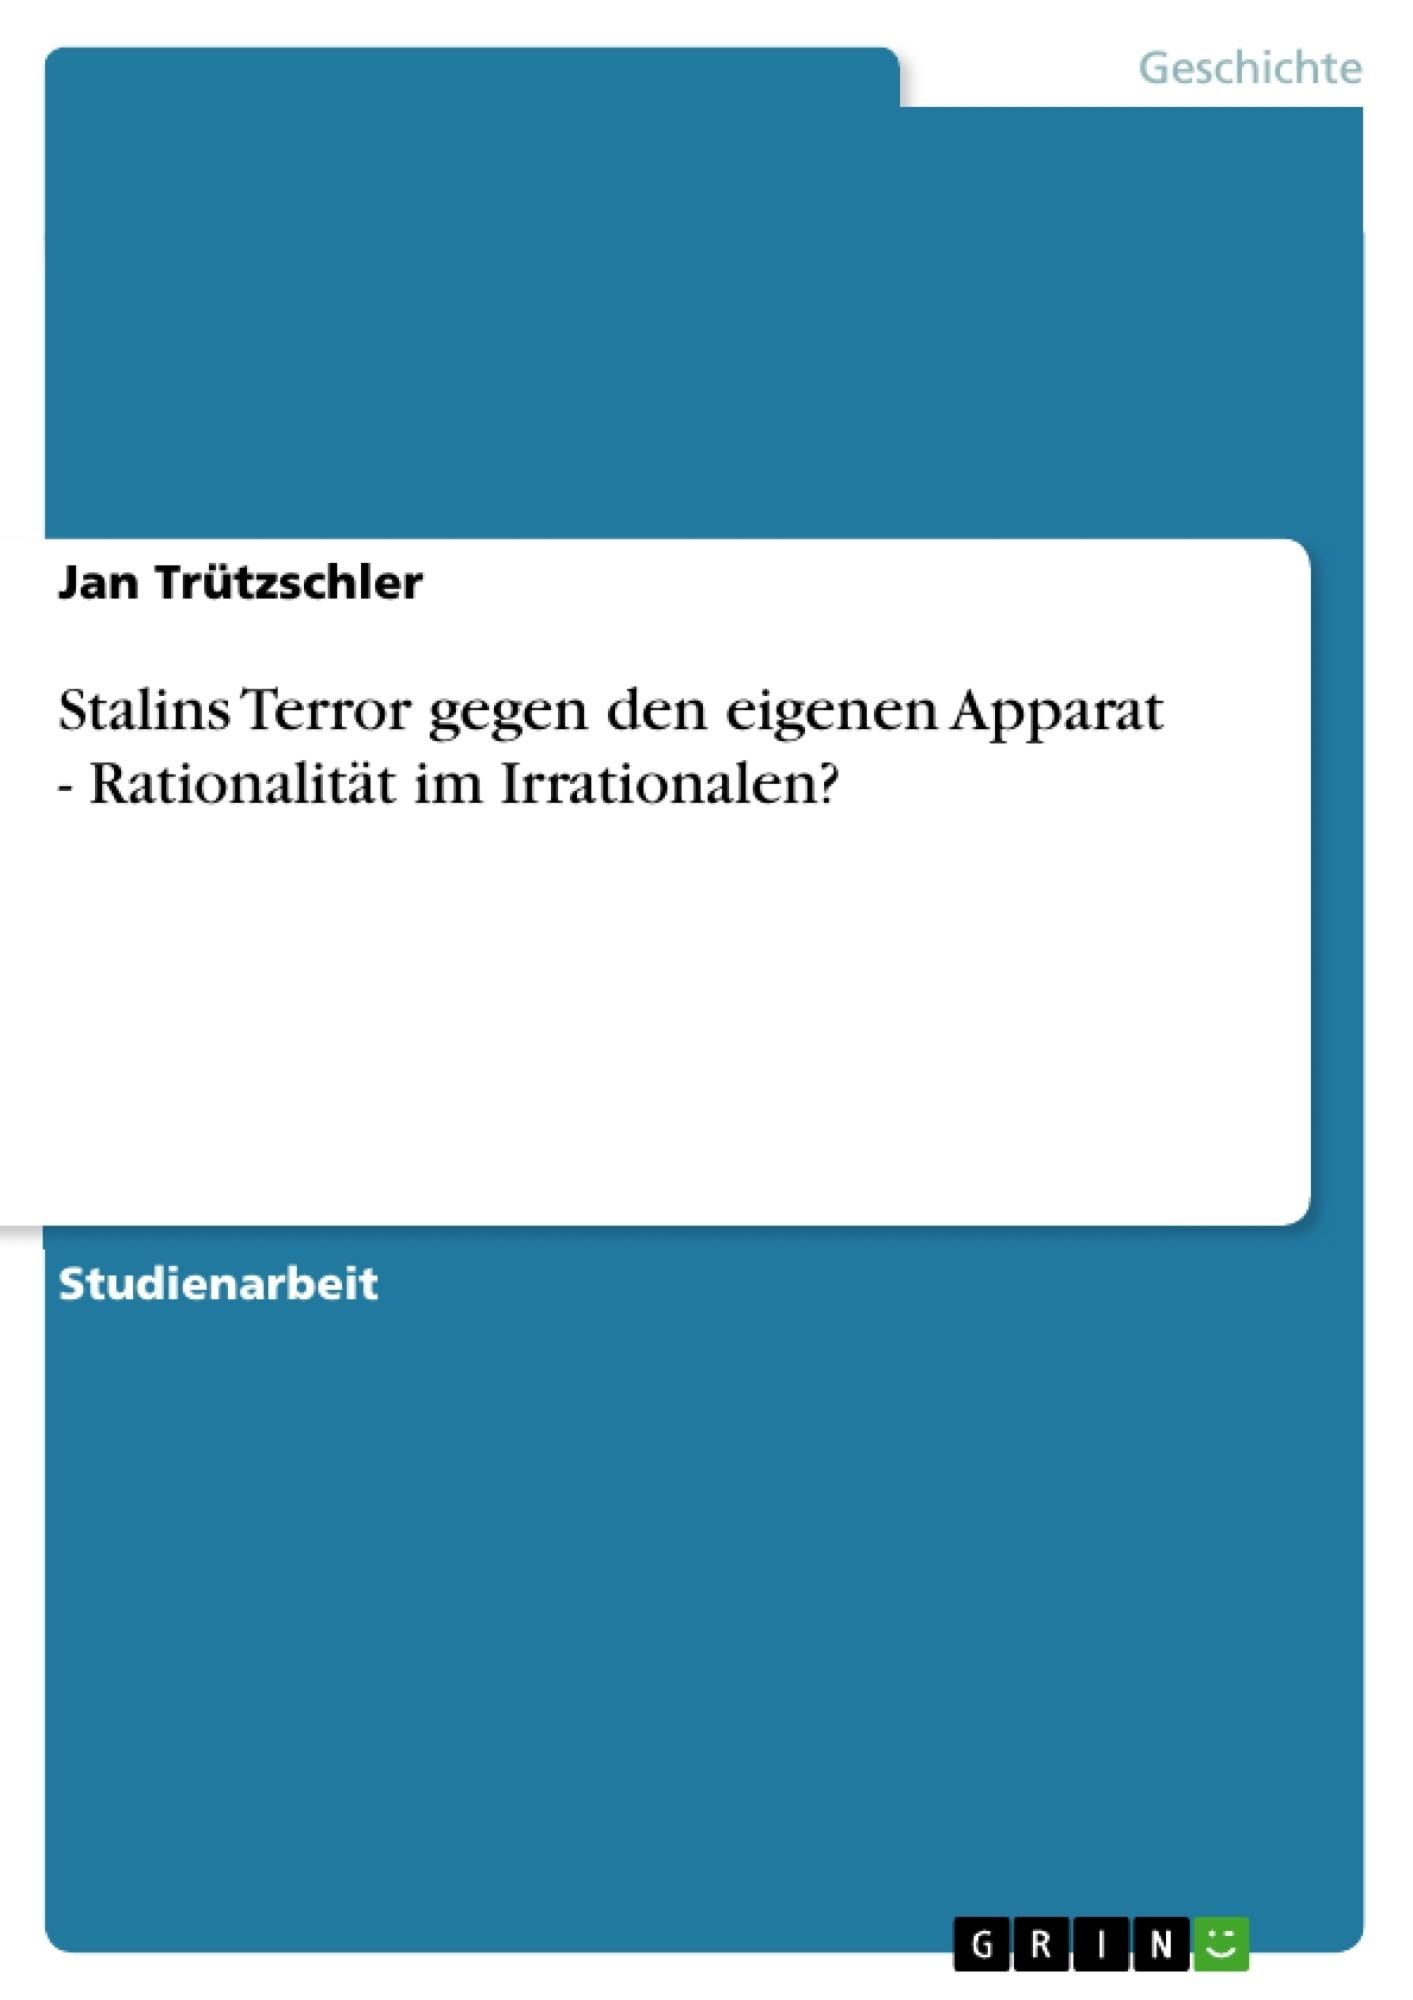 Titel: Stalins Terror gegen den eigenen Apparat - Rationalität im Irrationalen?